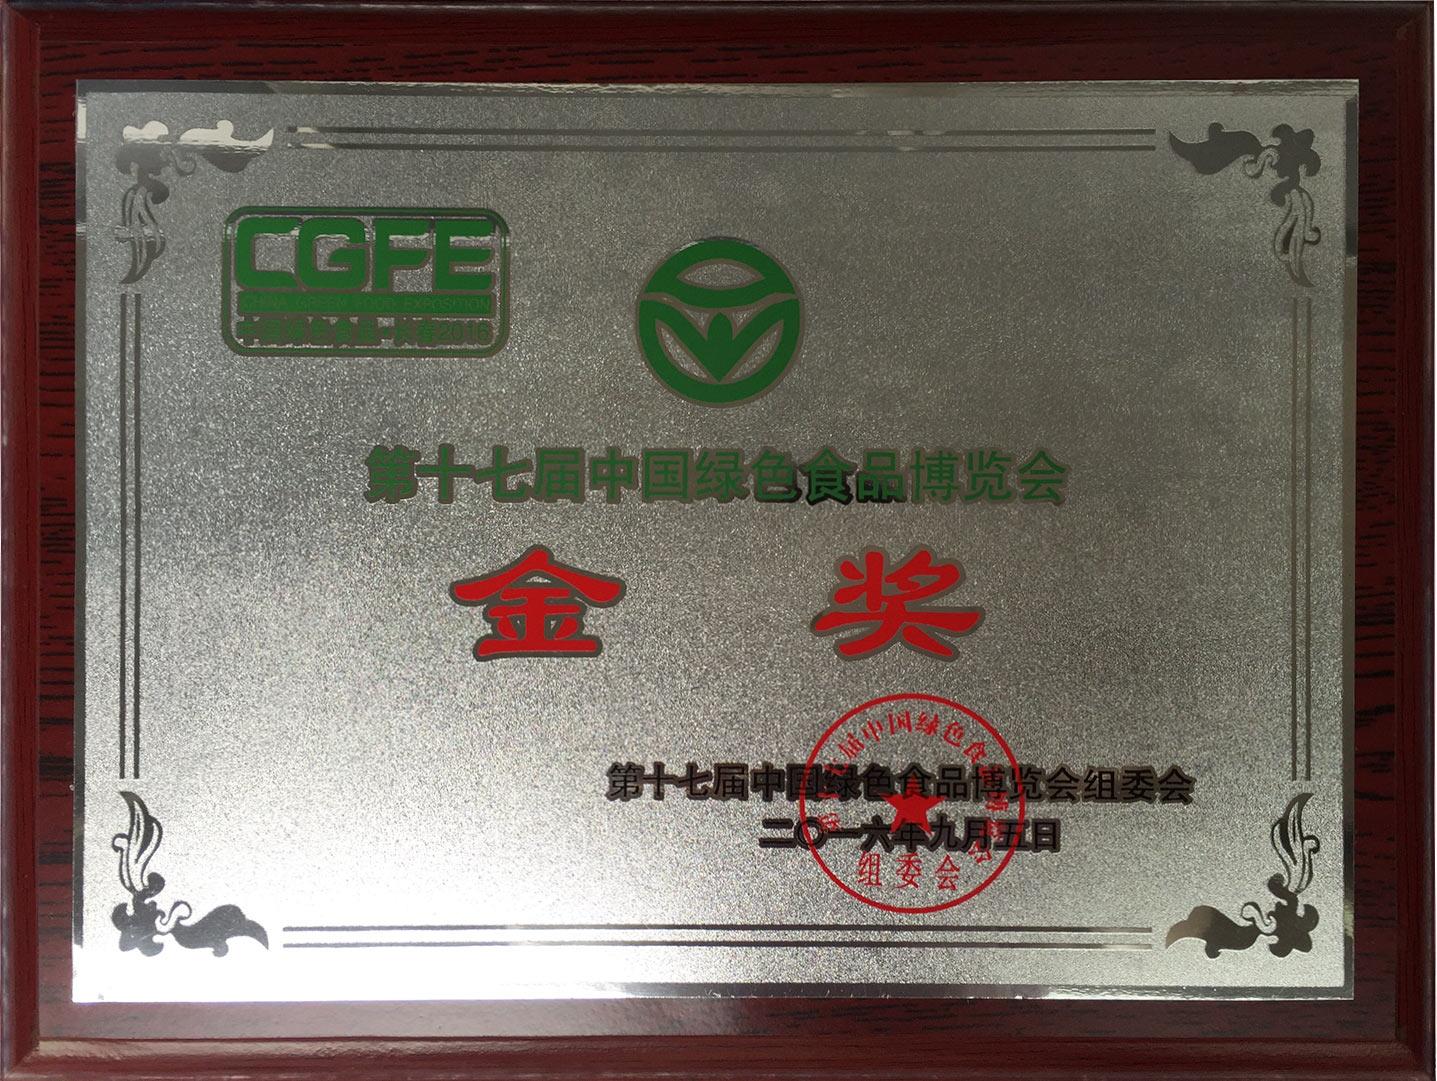 2016定心茶第十七届绿色食品博览会金奖